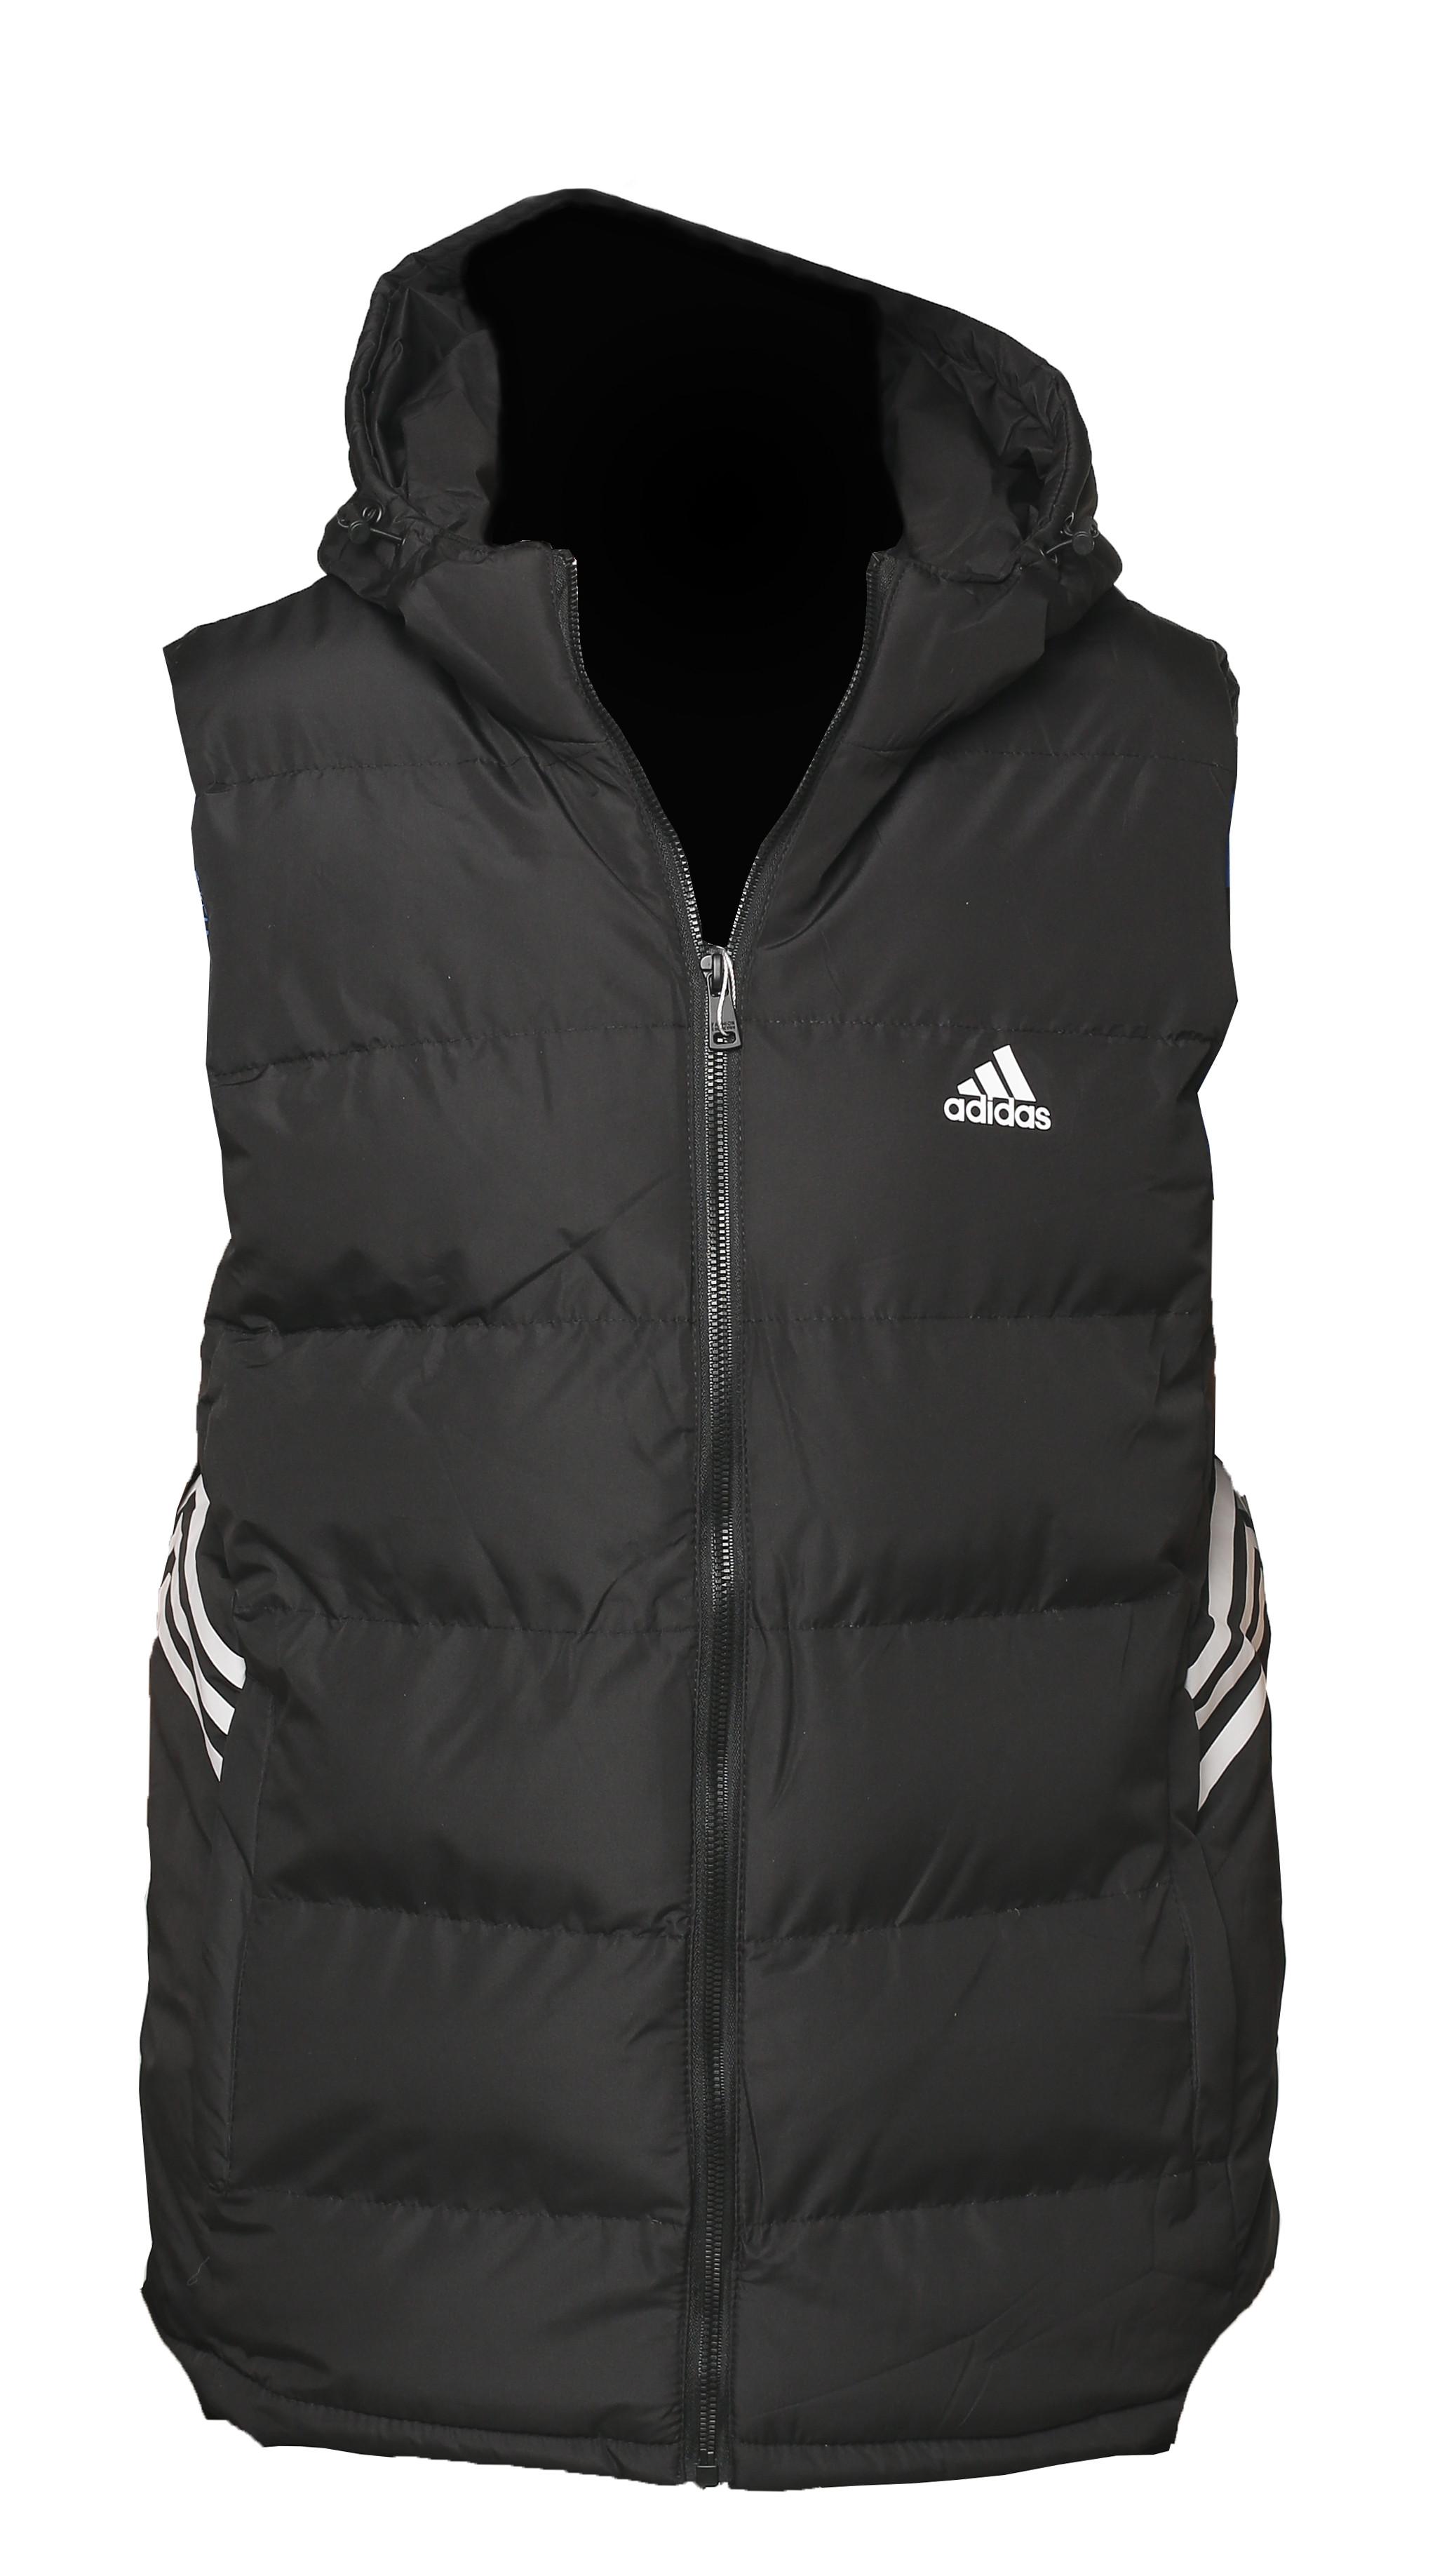 Утепленный жилет adidas perfomance black